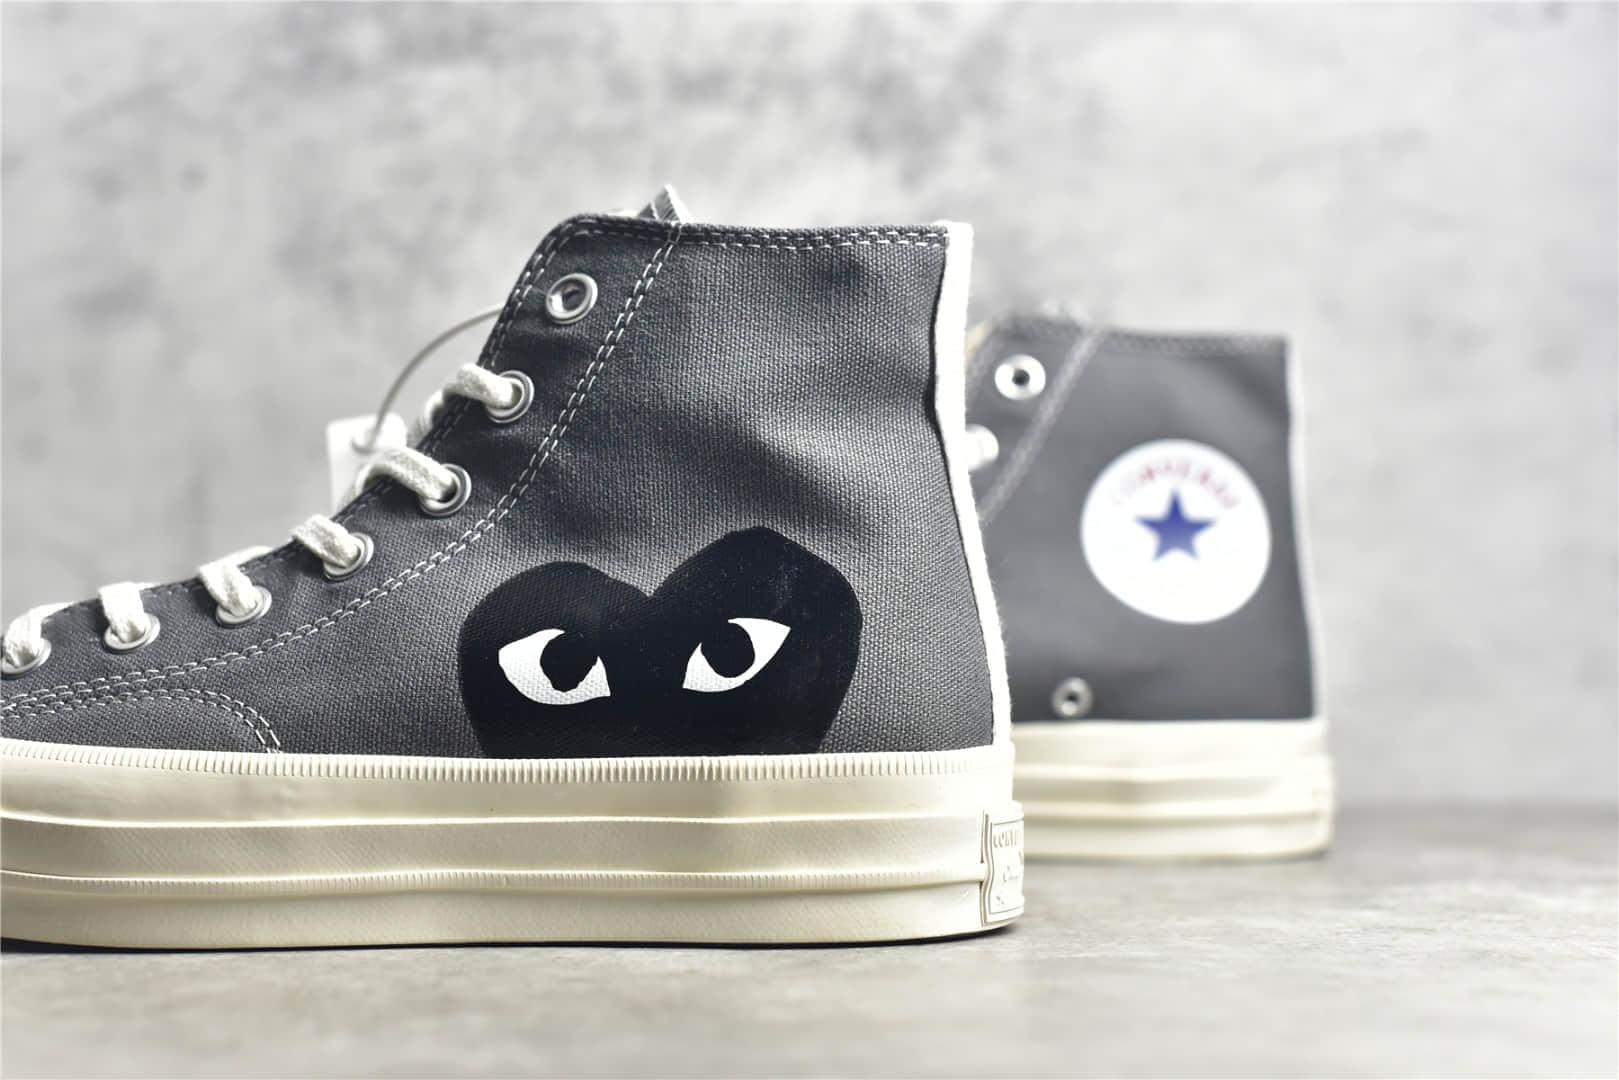 匡威川久保玲灰色高帮 Converse x Cdg Comme des Garçons Play 匡威1970S灰色高帮帆布鞋联名款-潮流者之家